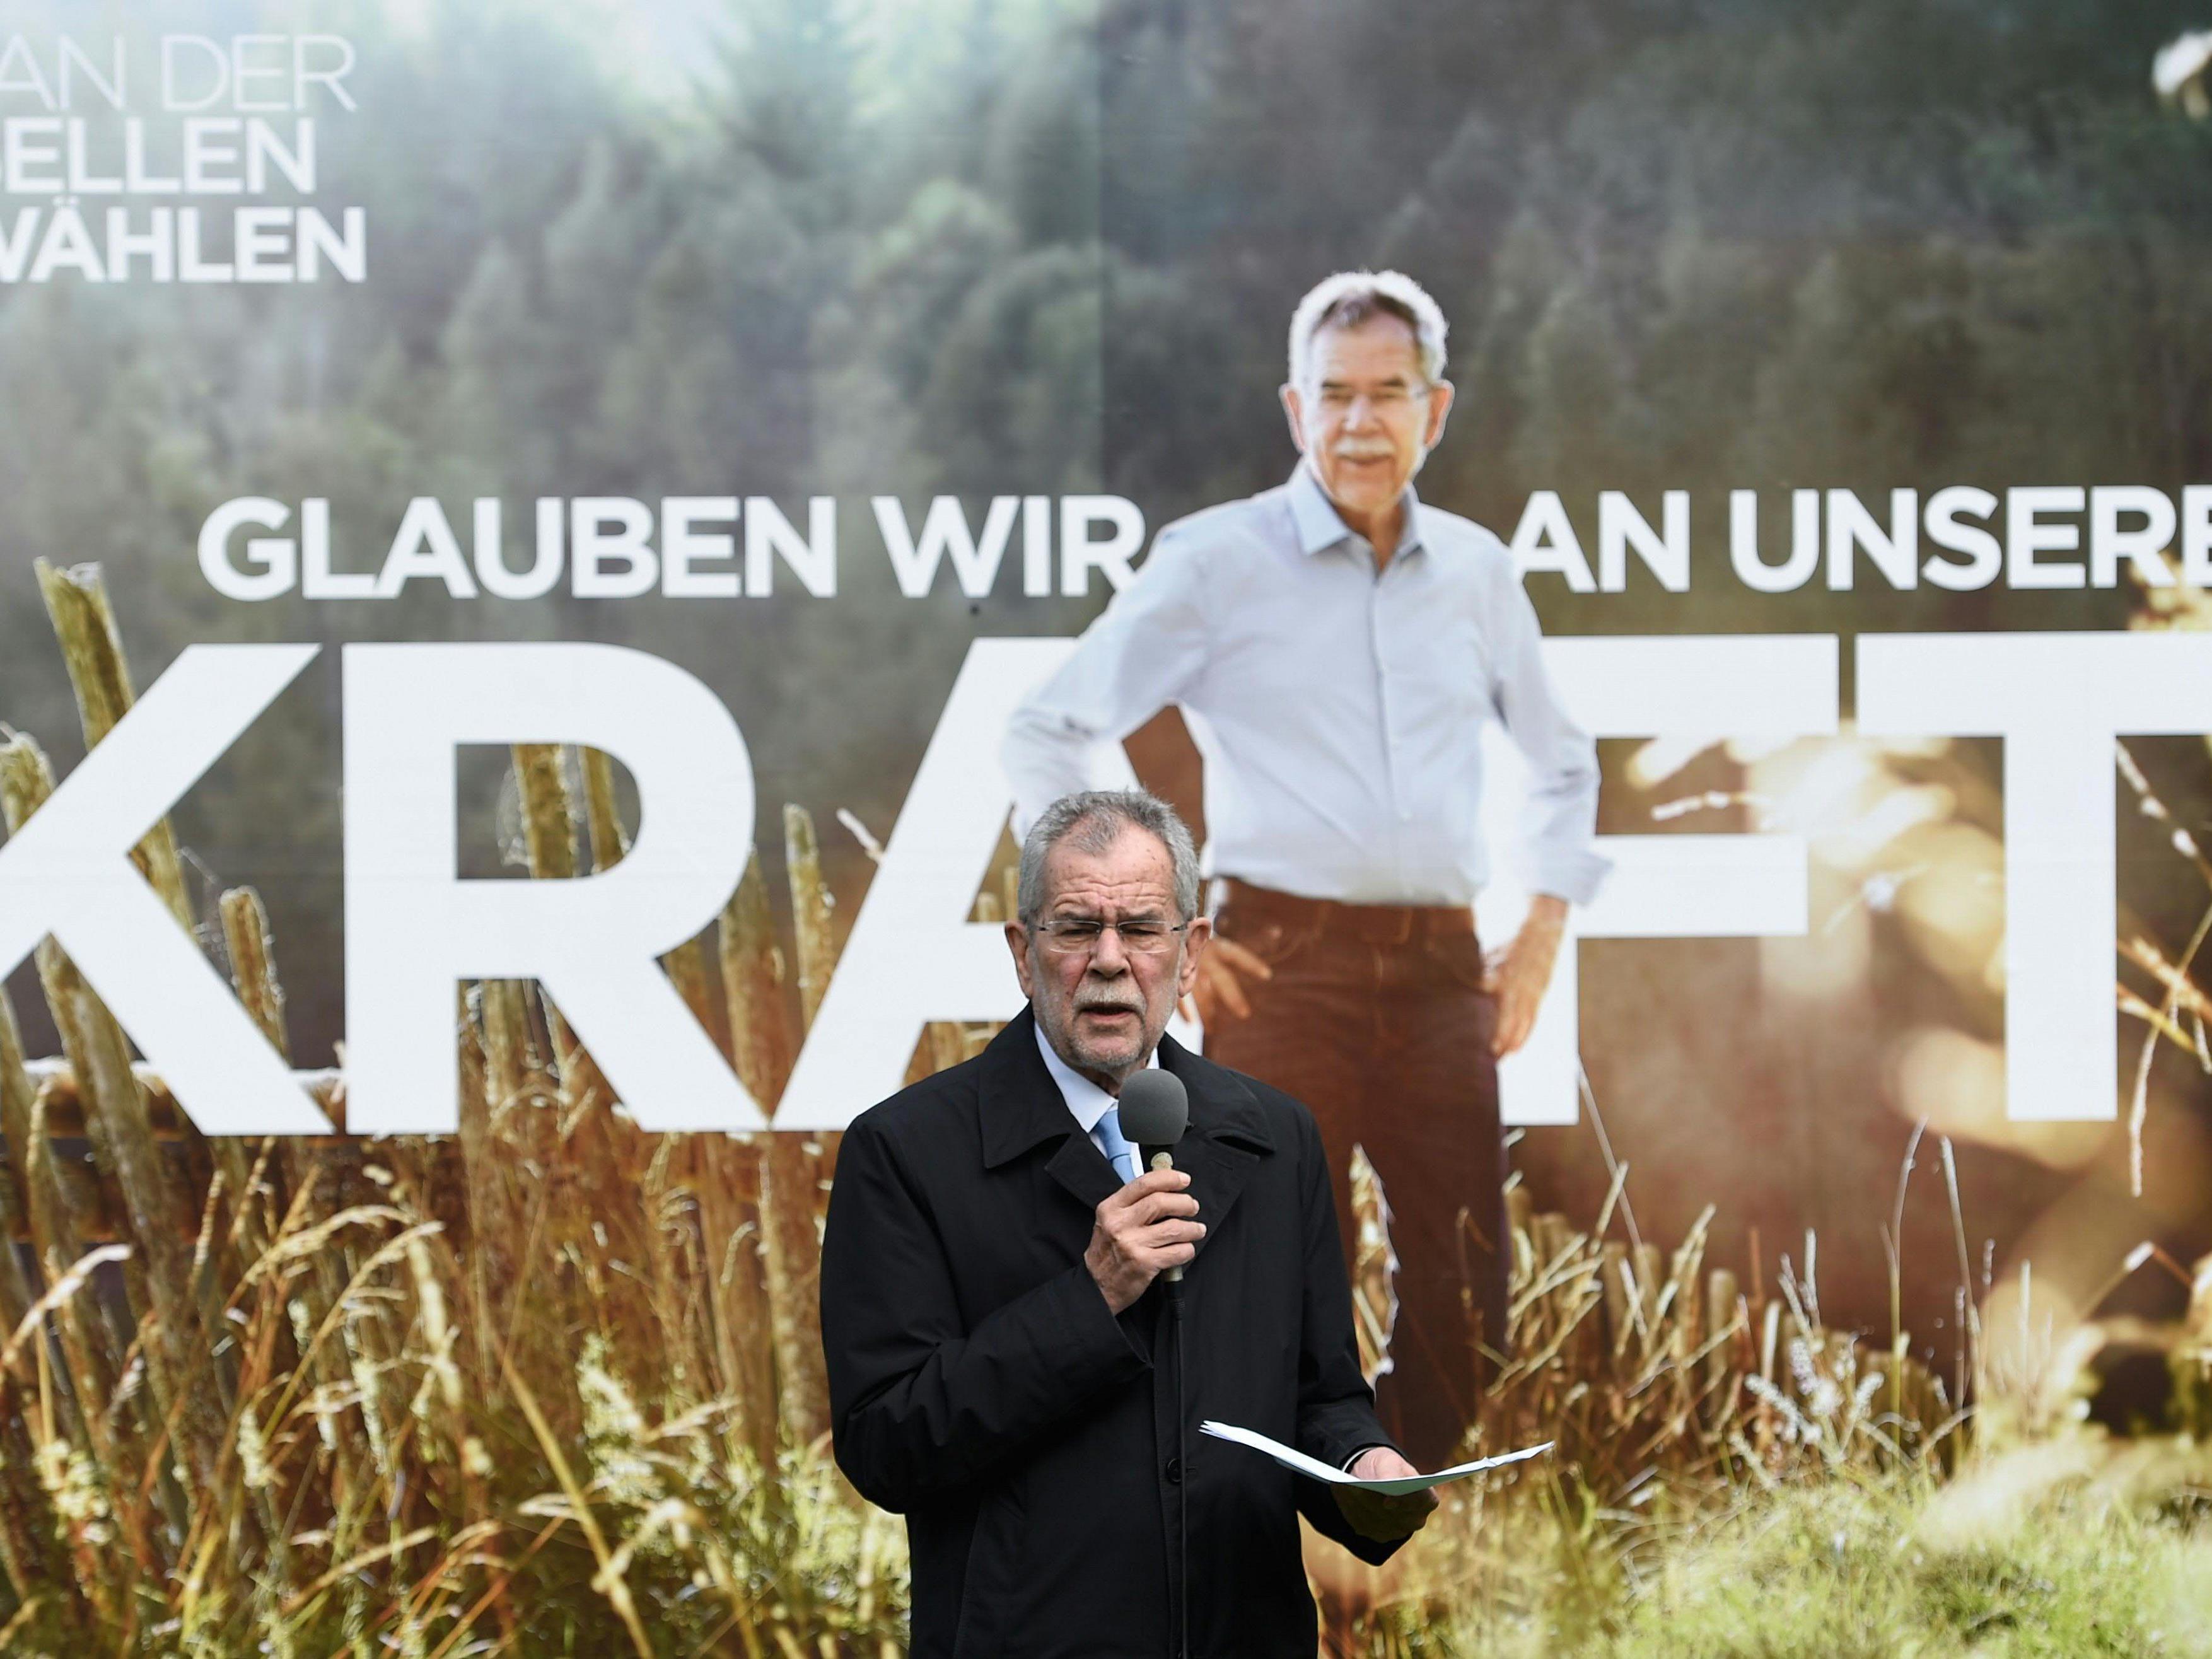 Die FPÖ kritisiert die Plakat-Überlassung scharf.